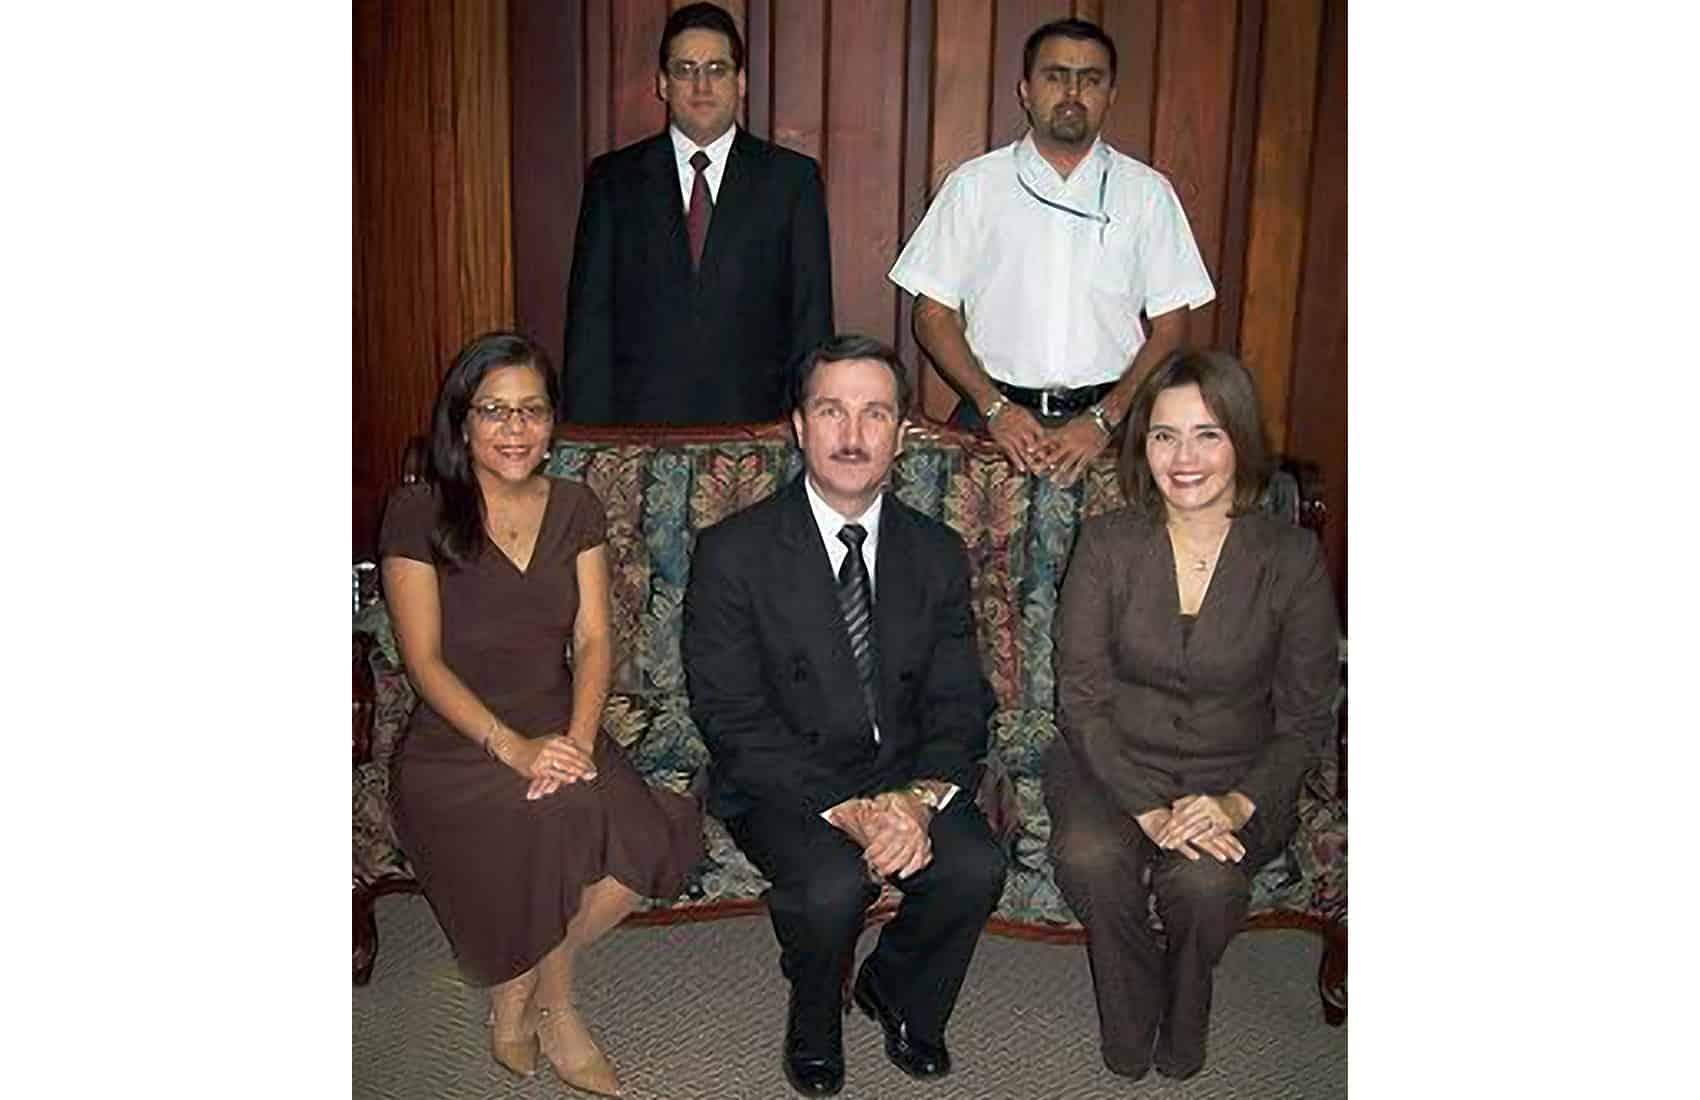 Supreme Court Justice Óscar González Camacho